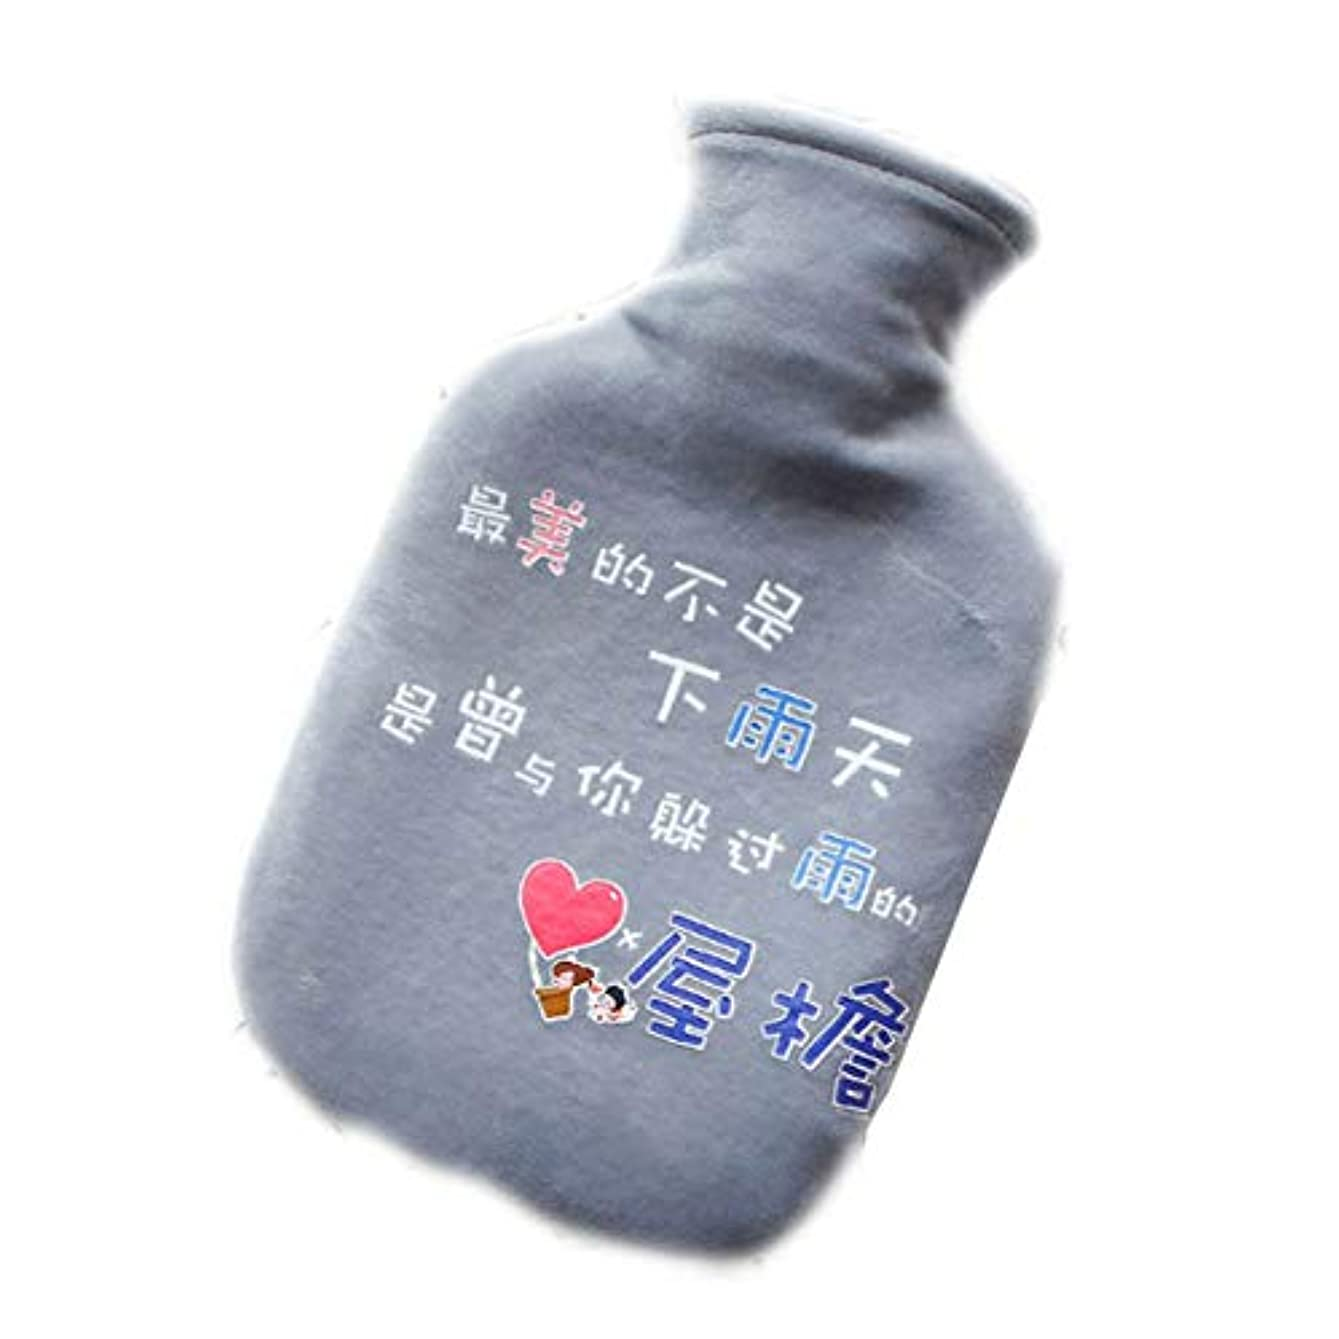 店員クライマックス冷淡なかわいい湯たんぽミニハンドウォーマー750ミリリットルの学生女性の温水バッグ